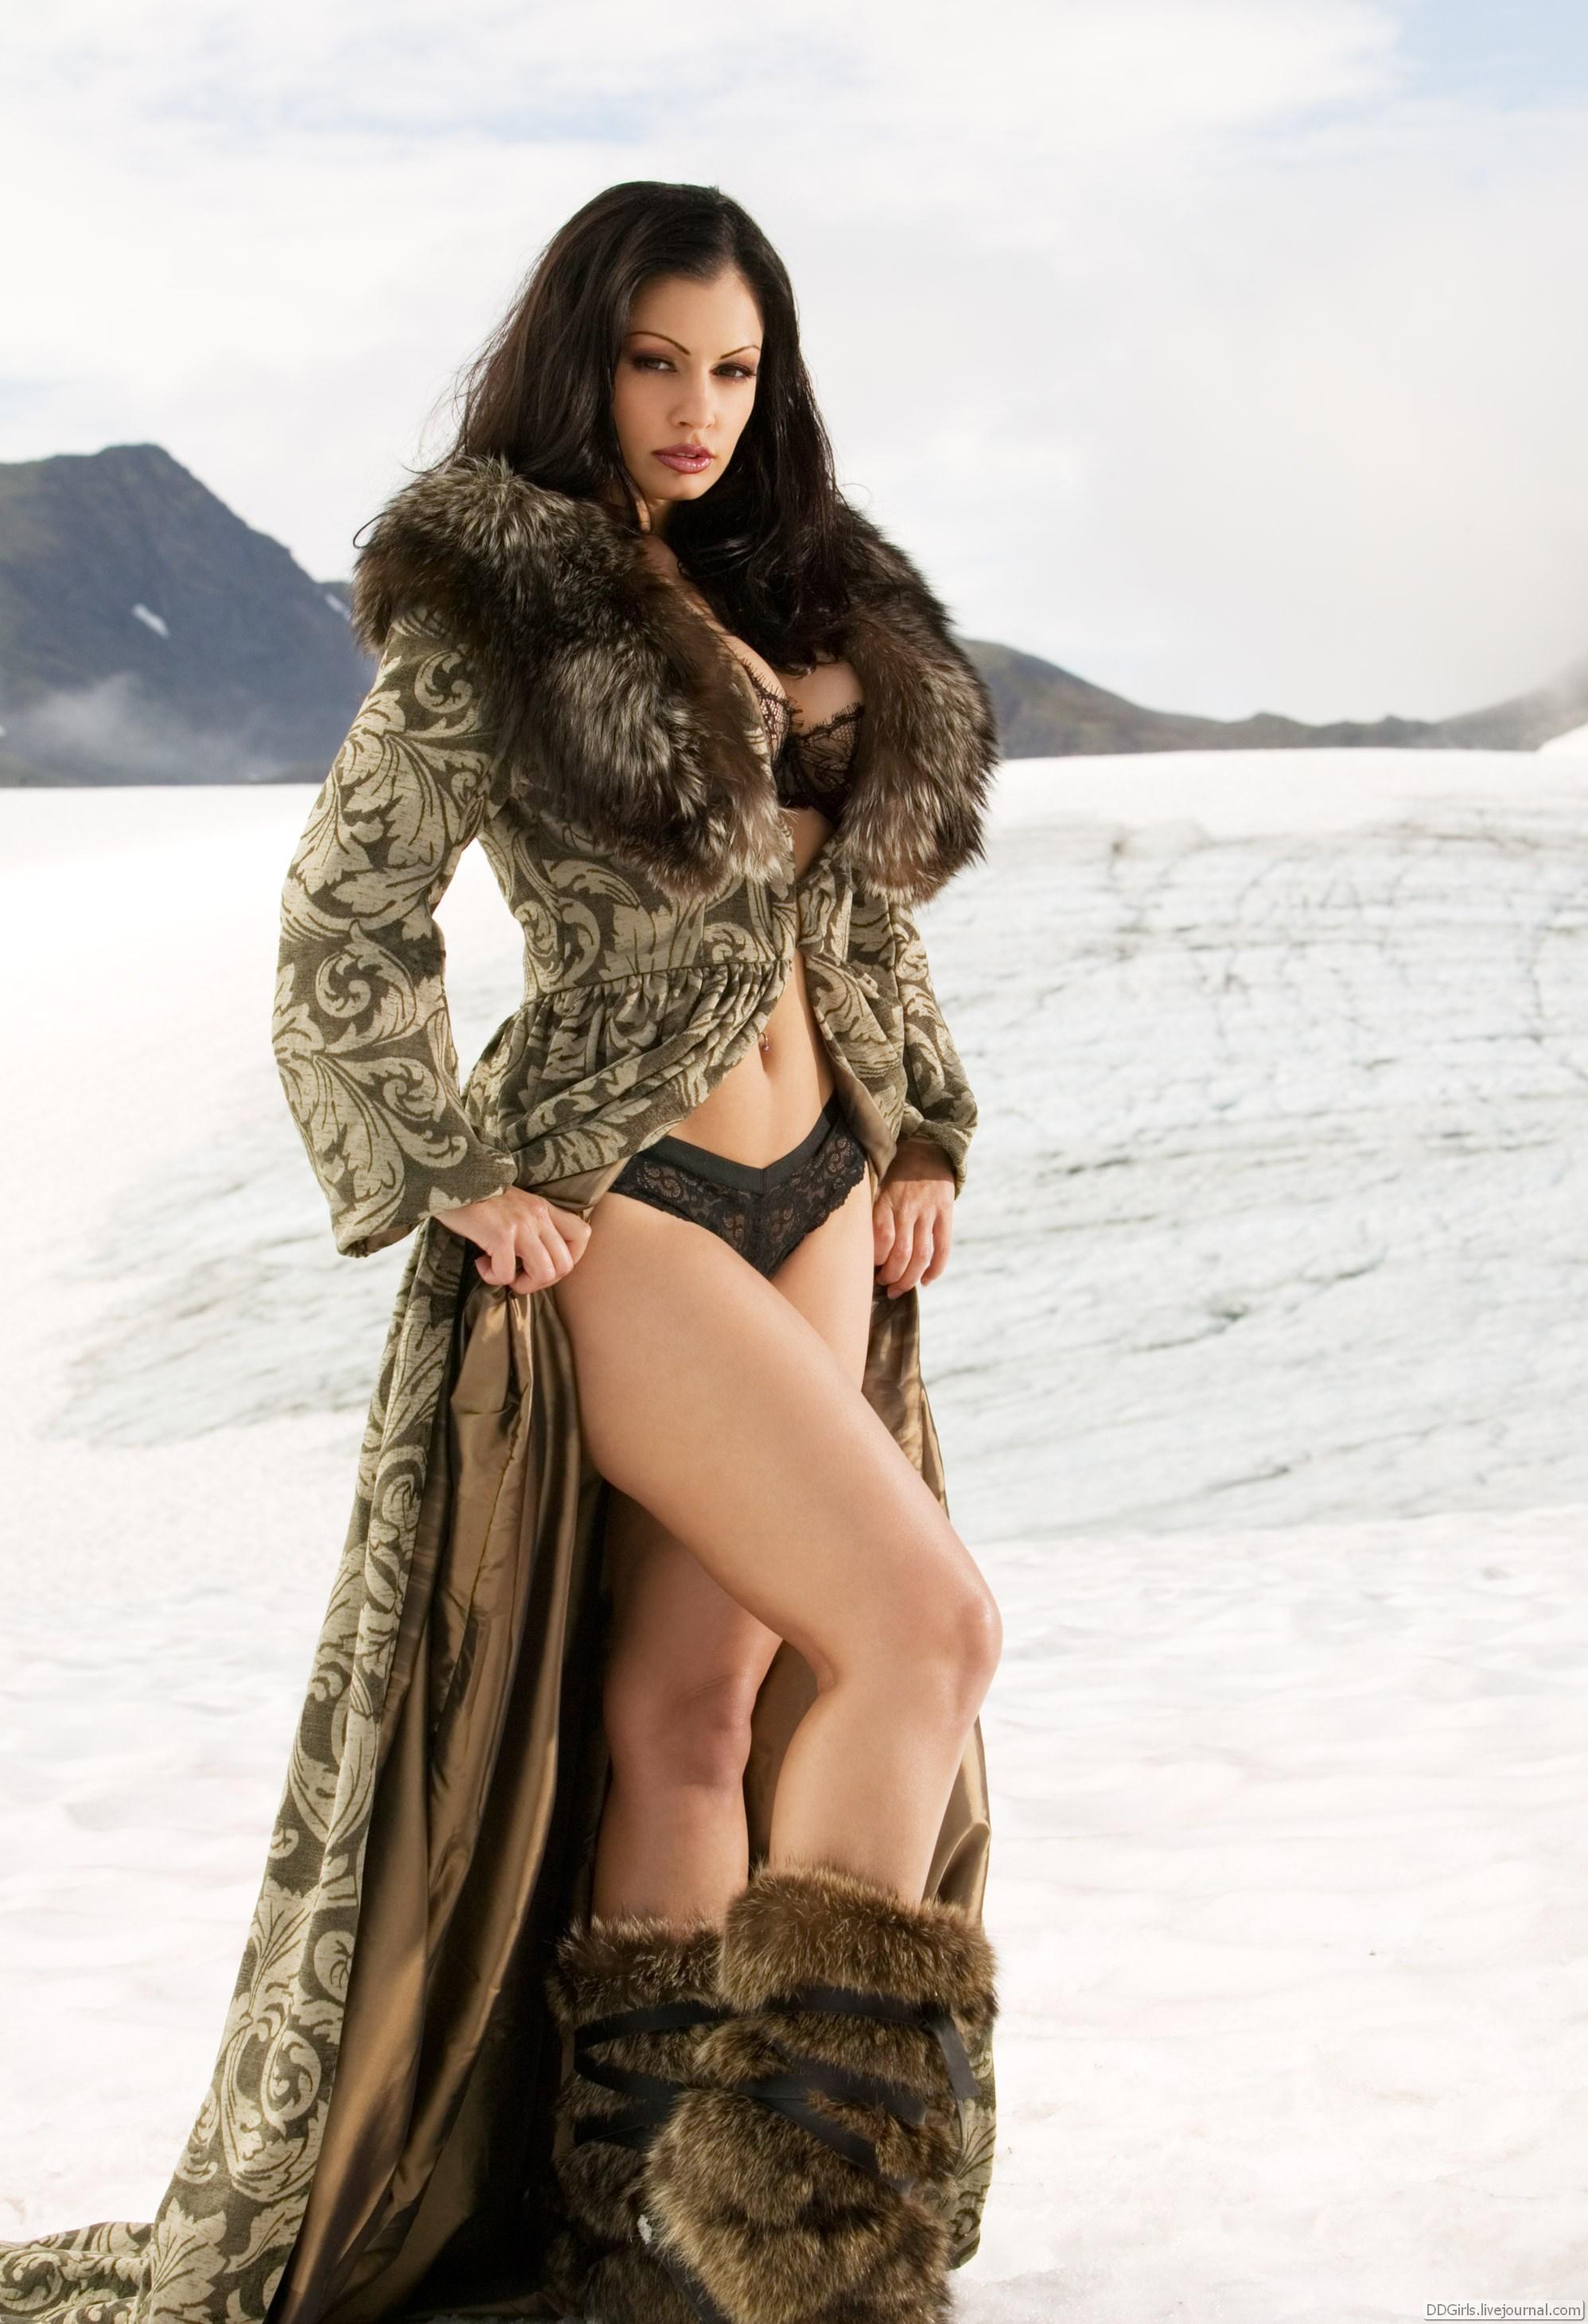 Sexy Snowbunny Porno Videos Pornhubcom